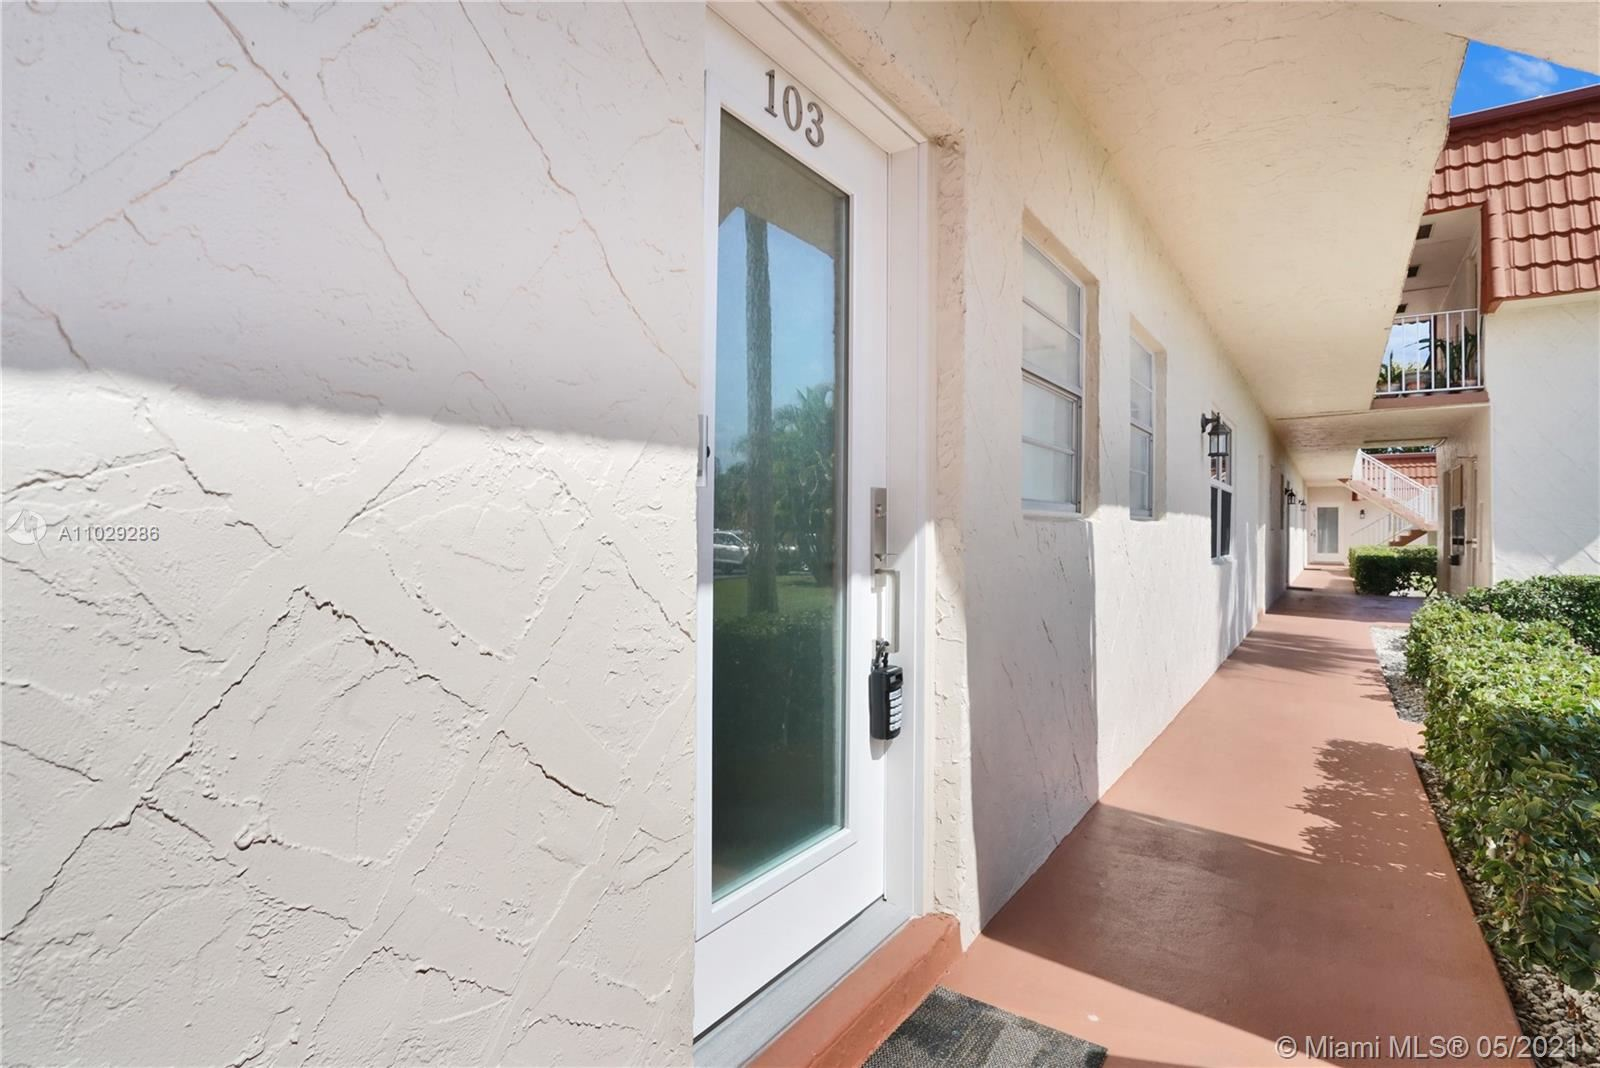 12018 Greenway Cir S #103, Royal Palm Beach, FL 33411 - #: A11029286